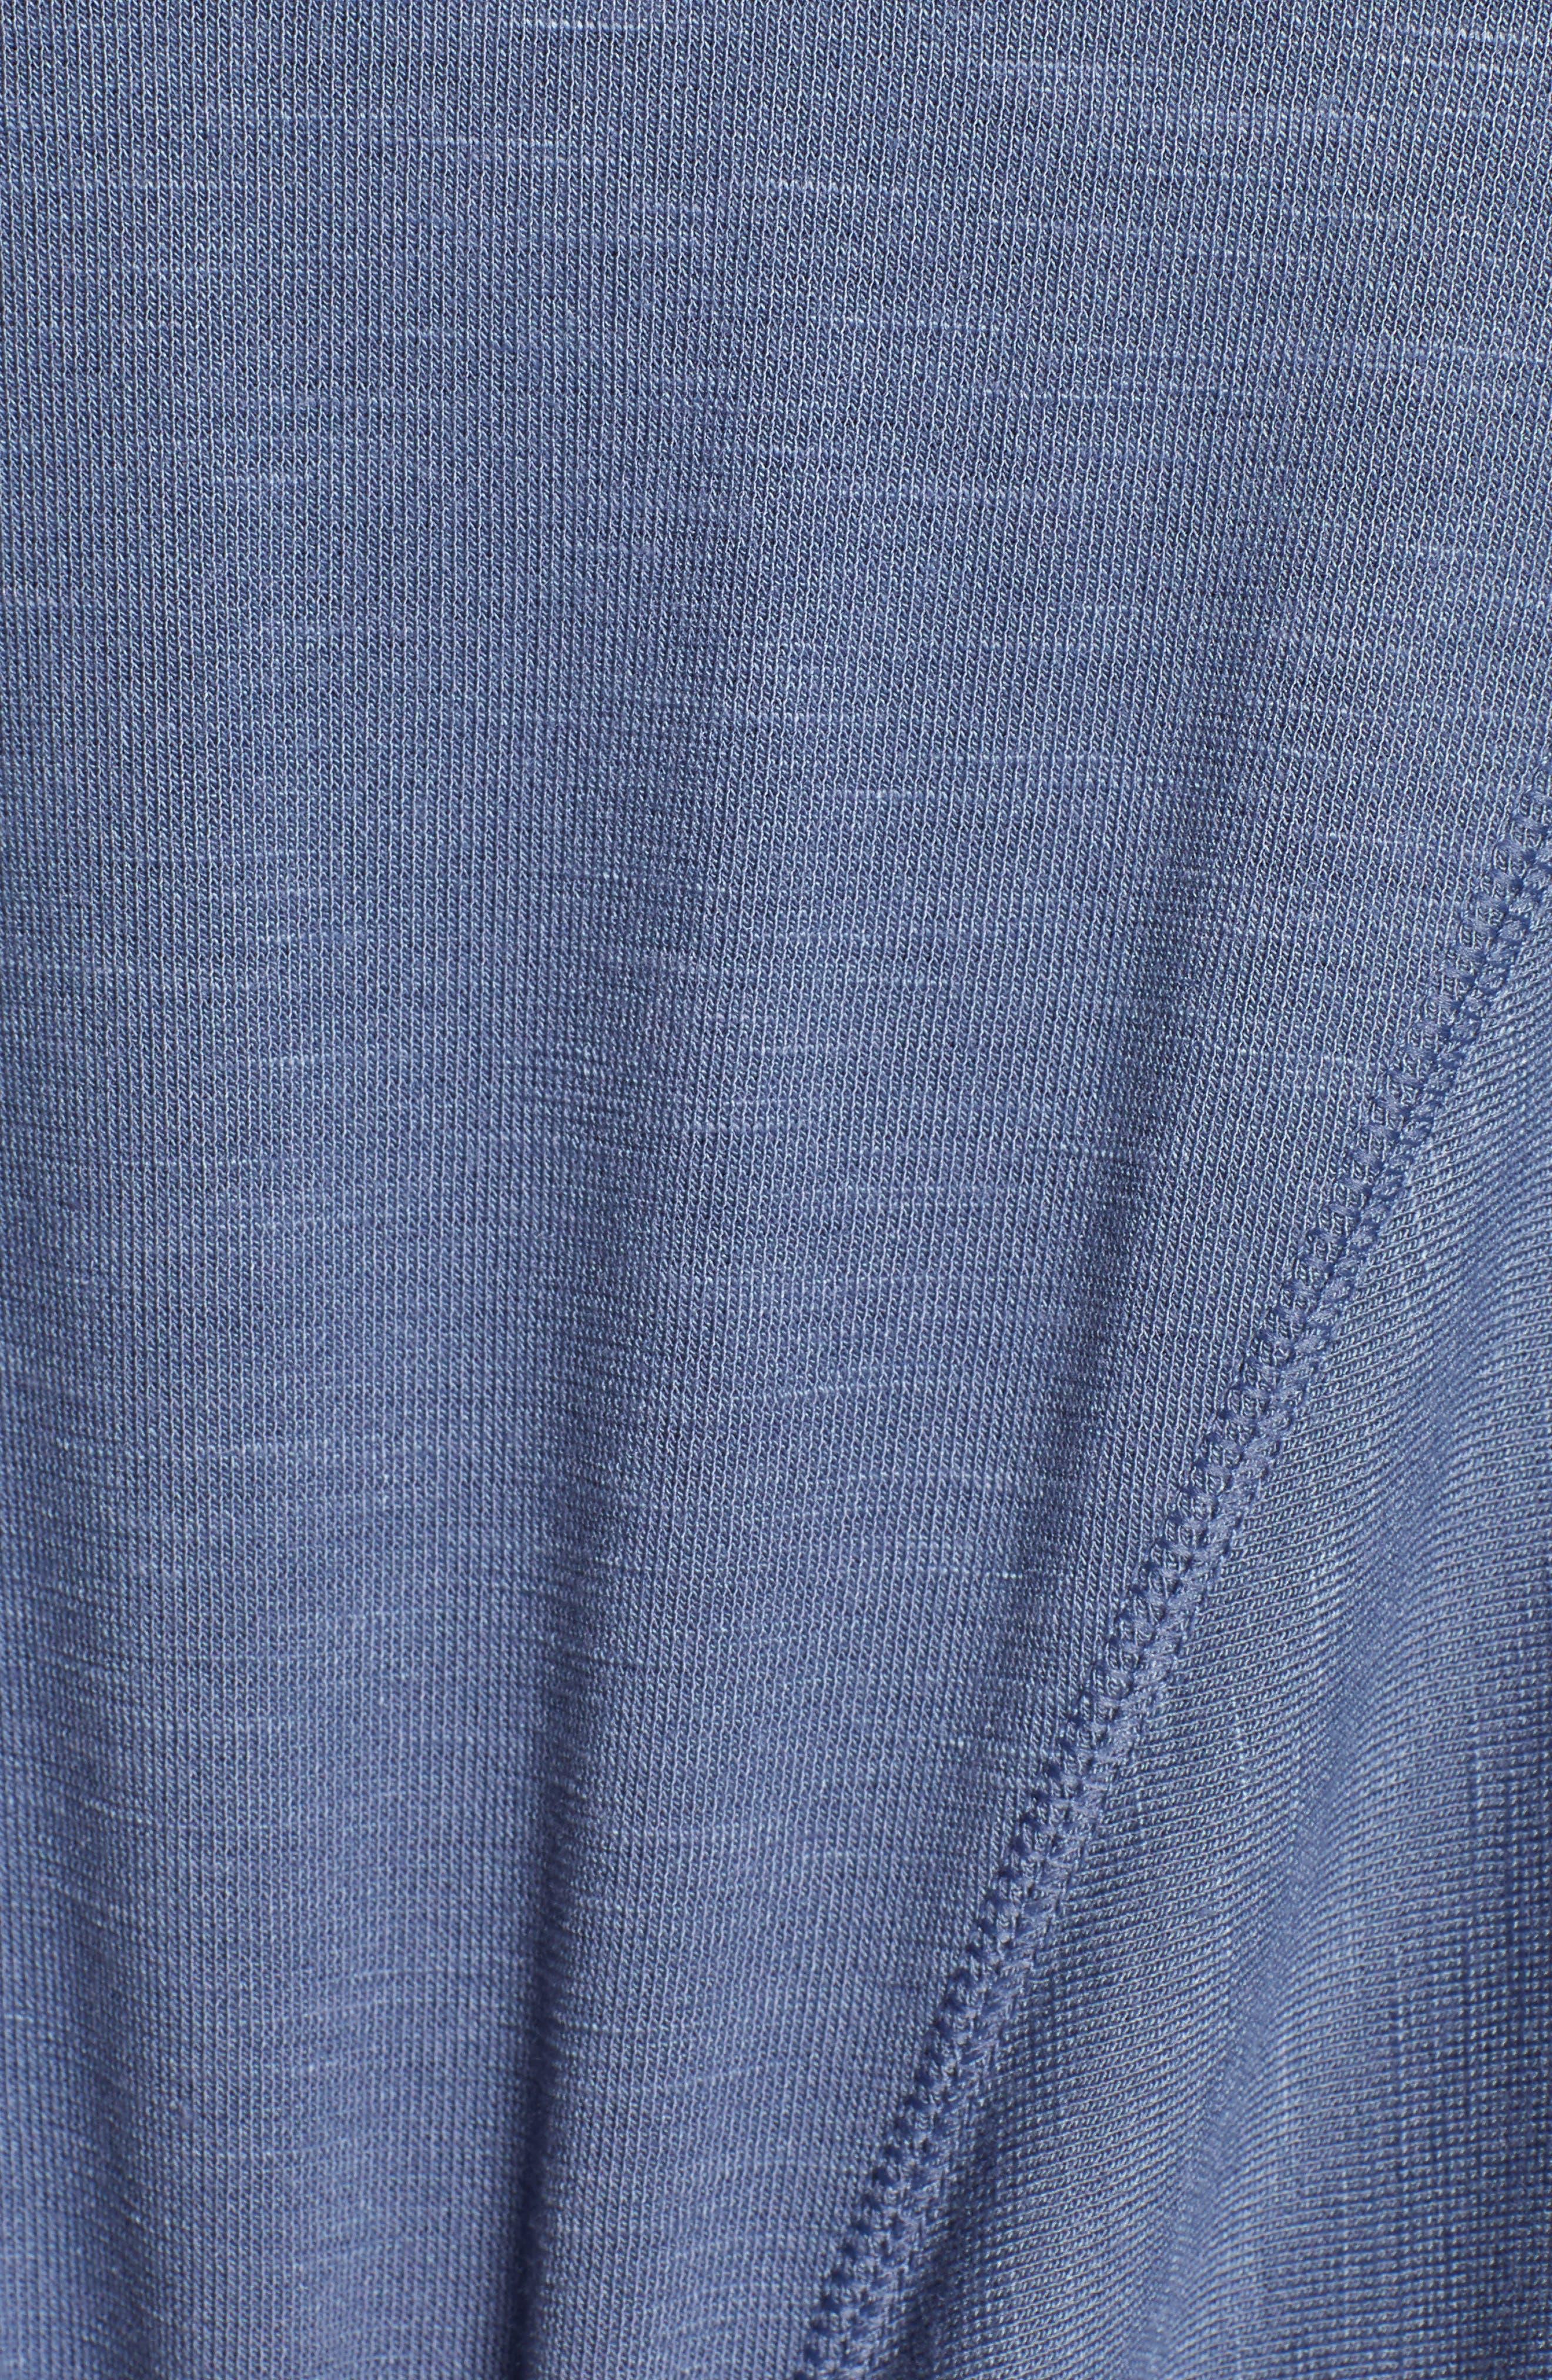 ,                             Twisty Turn Tee,                             Alternate thumbnail 6, color,                             BLUE VINTAGE